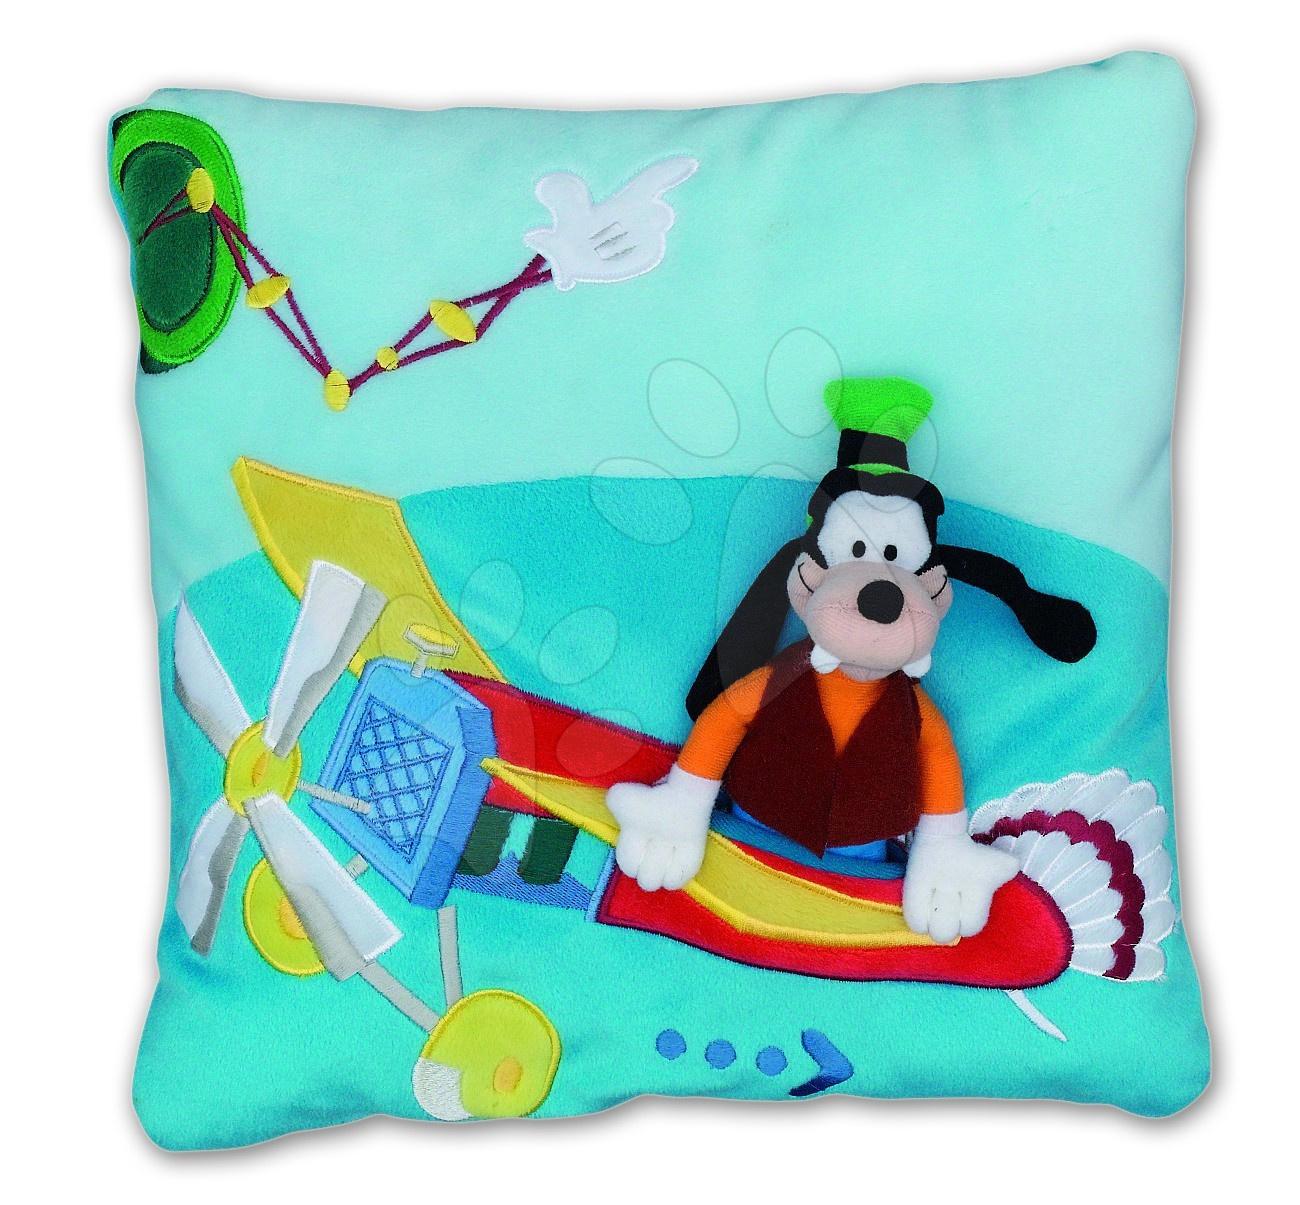 Polštář Mickey Mouse Club House Goofy Ilanit 36*36 cm